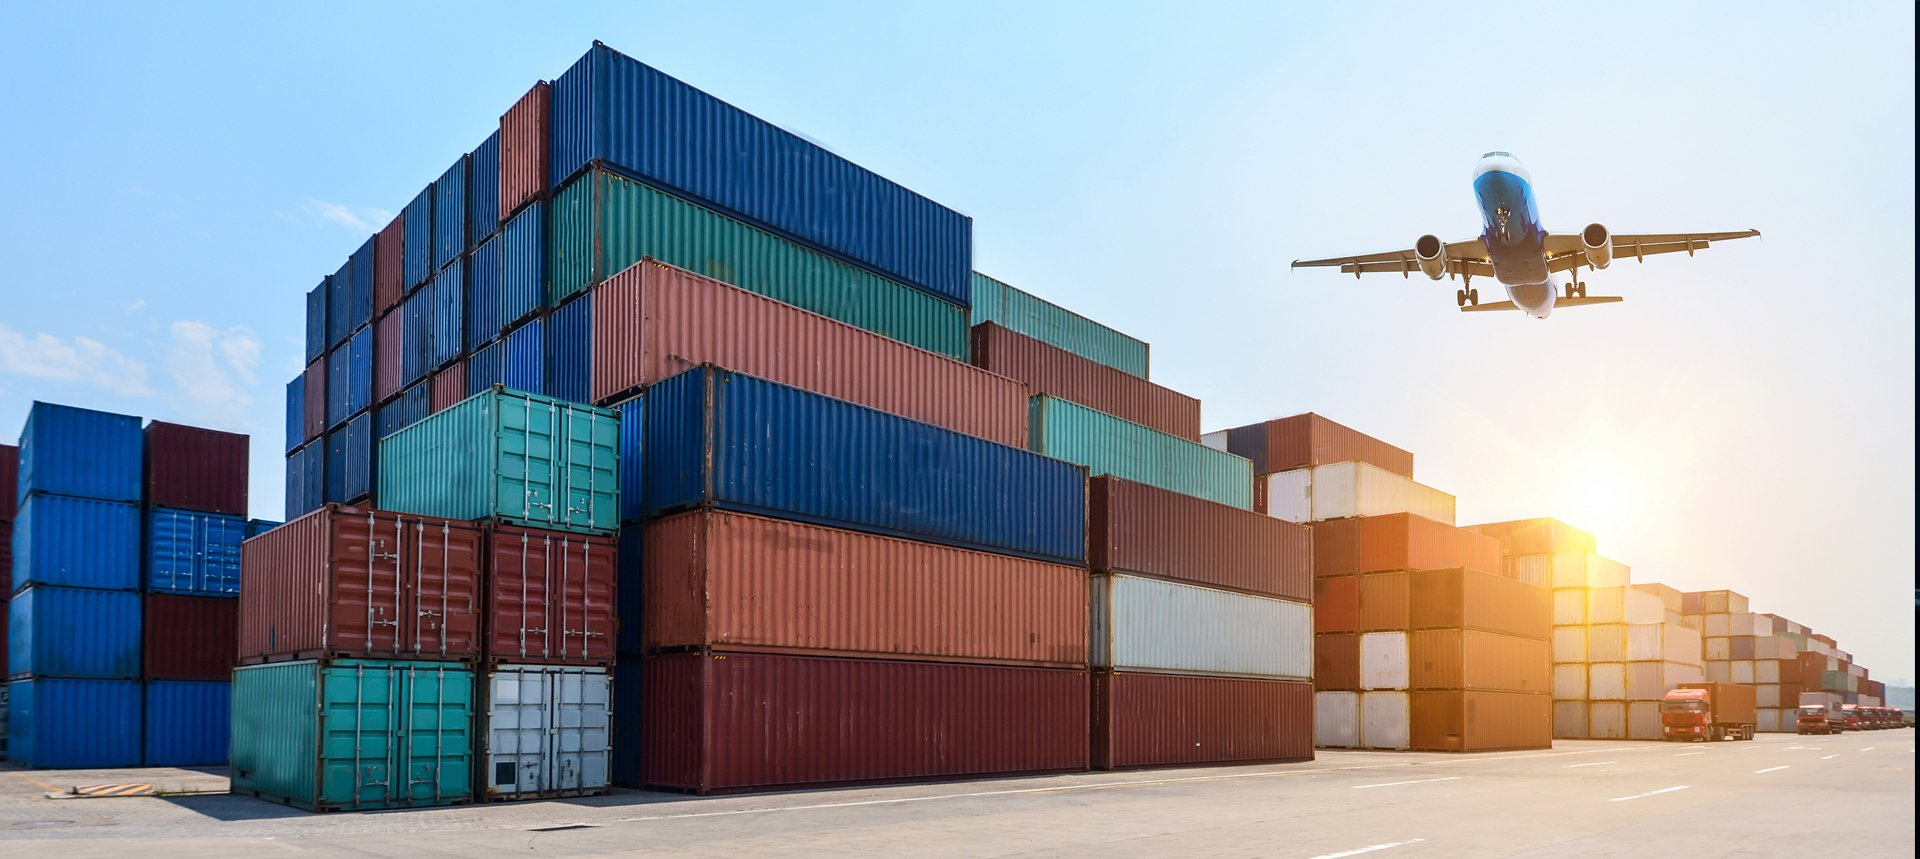 Butransa, transporte de contenedores marítimos